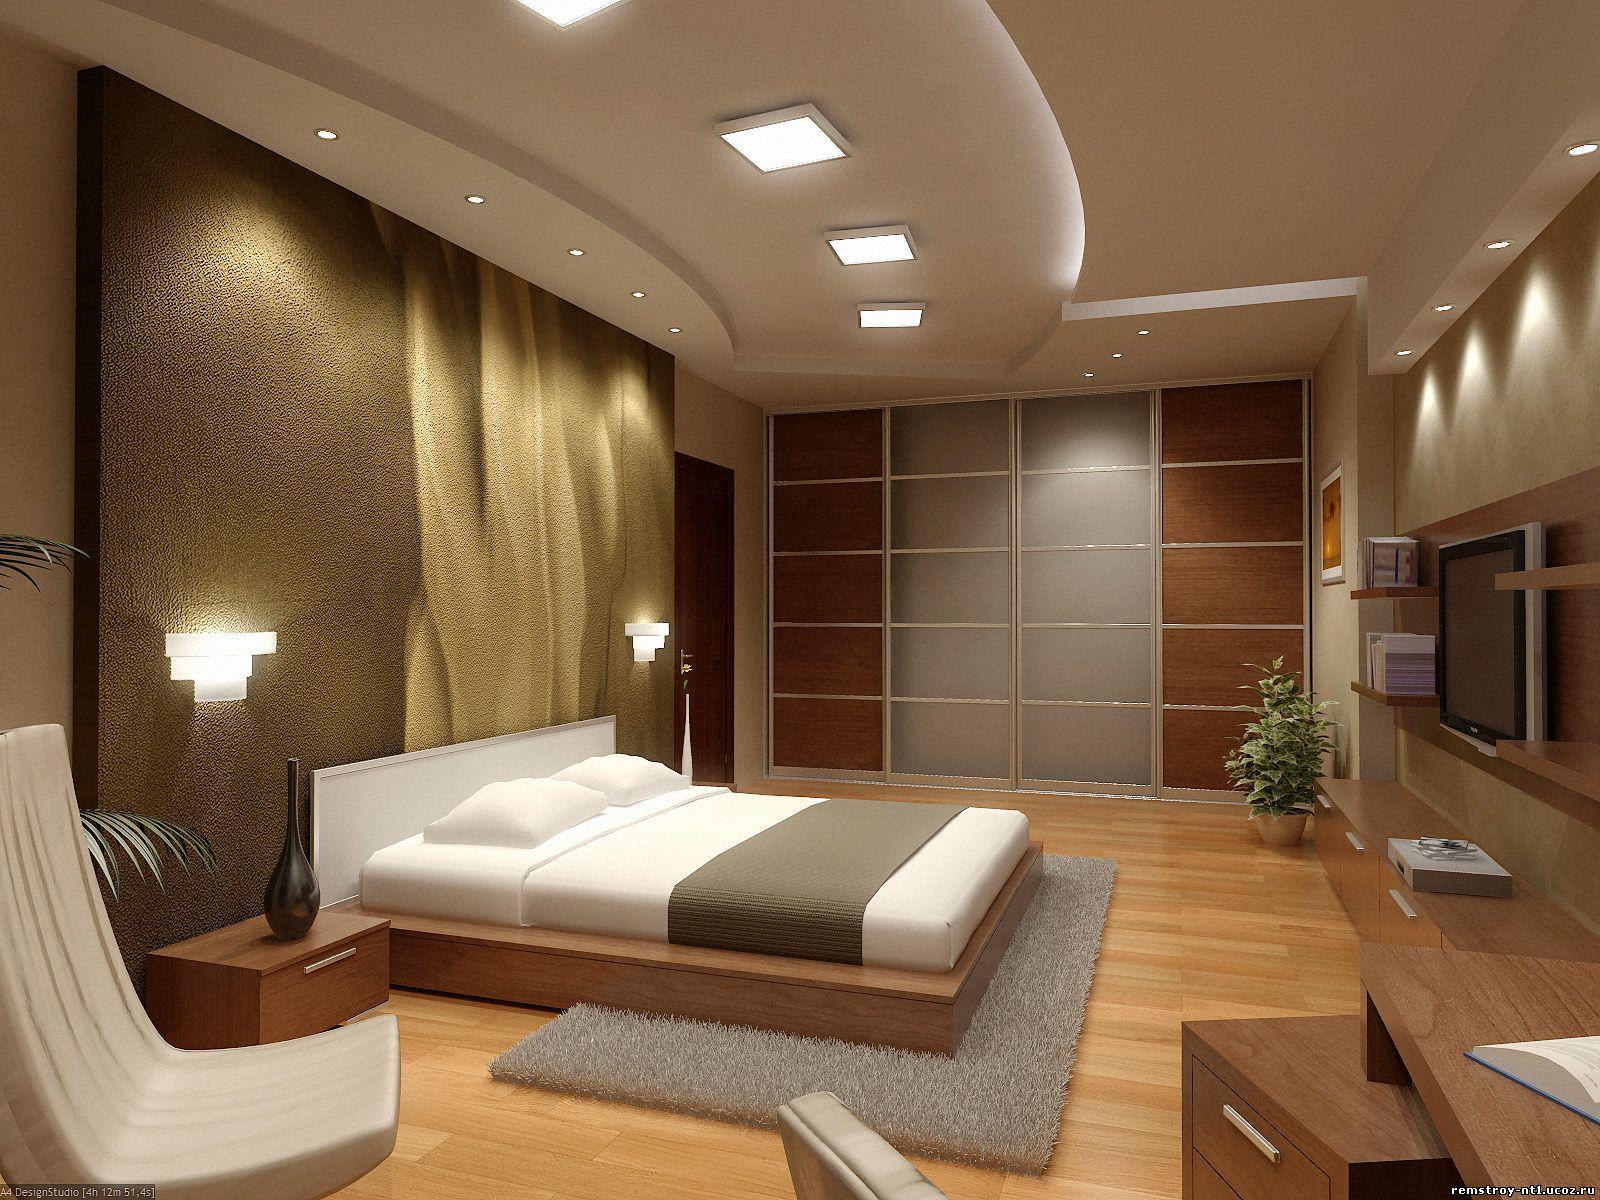 Рекомендации дизайнера про оформление квартиры после ремонте